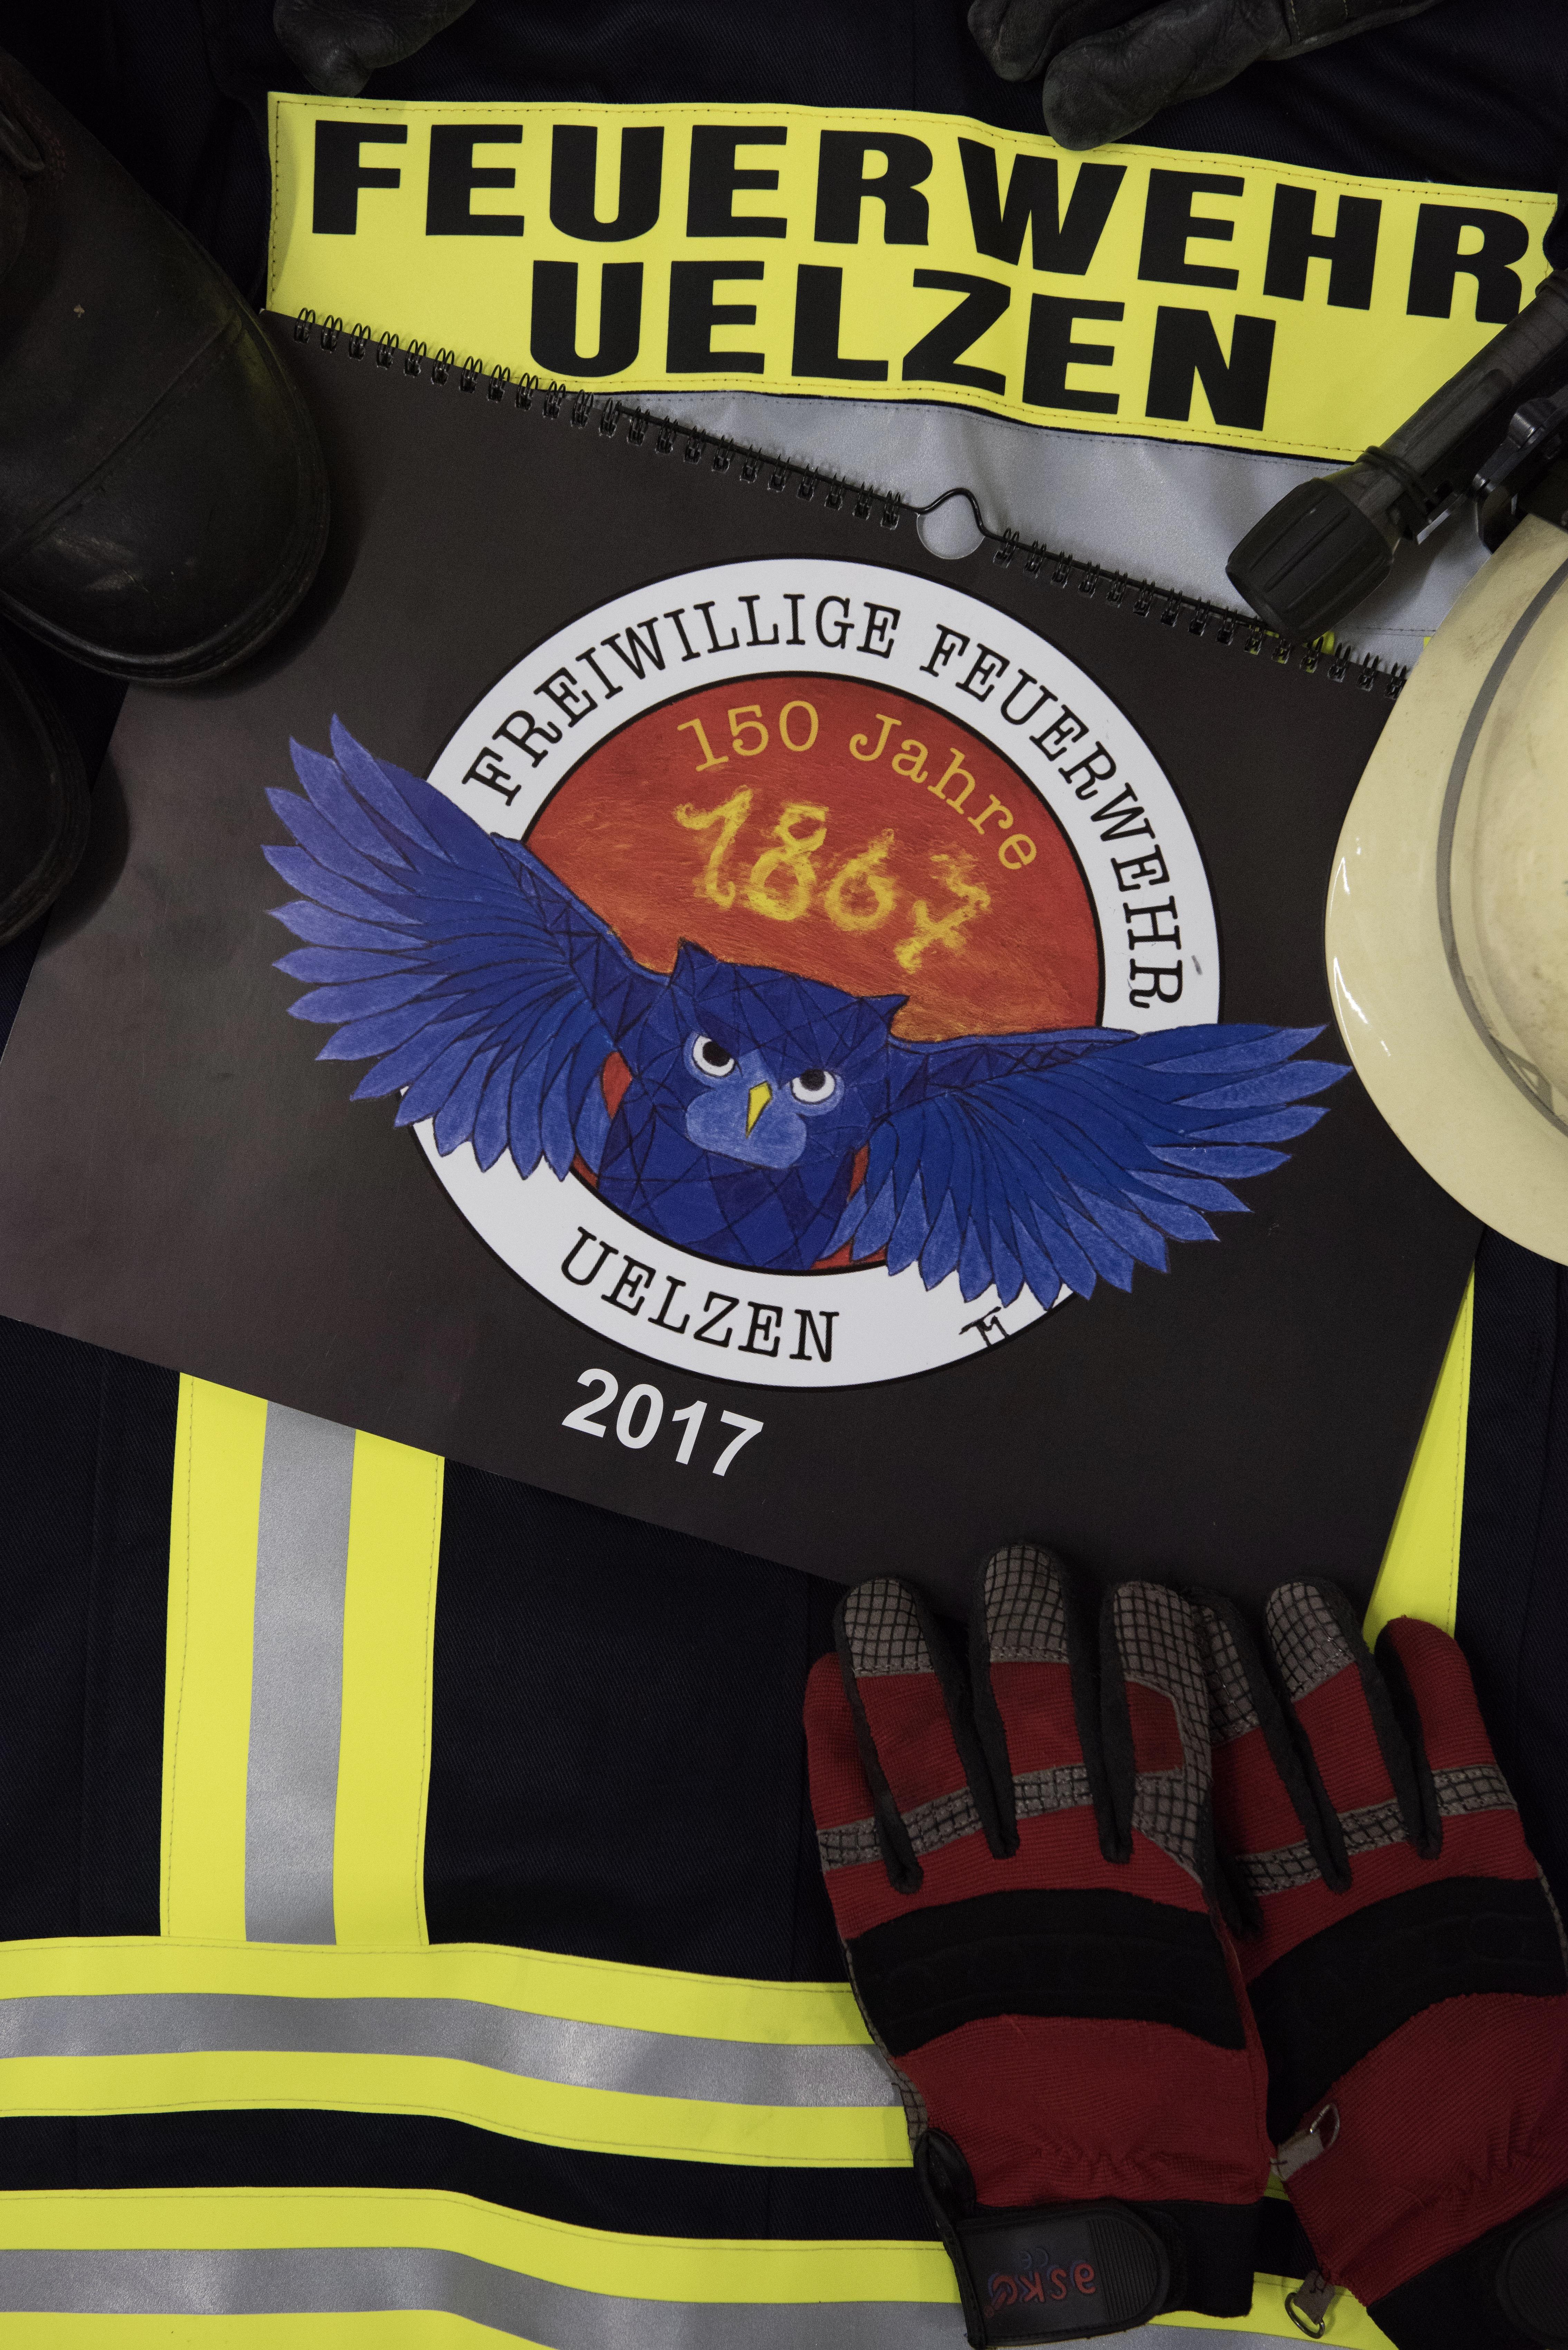 Jubiläumskalender der Feuerwehr Uelzen